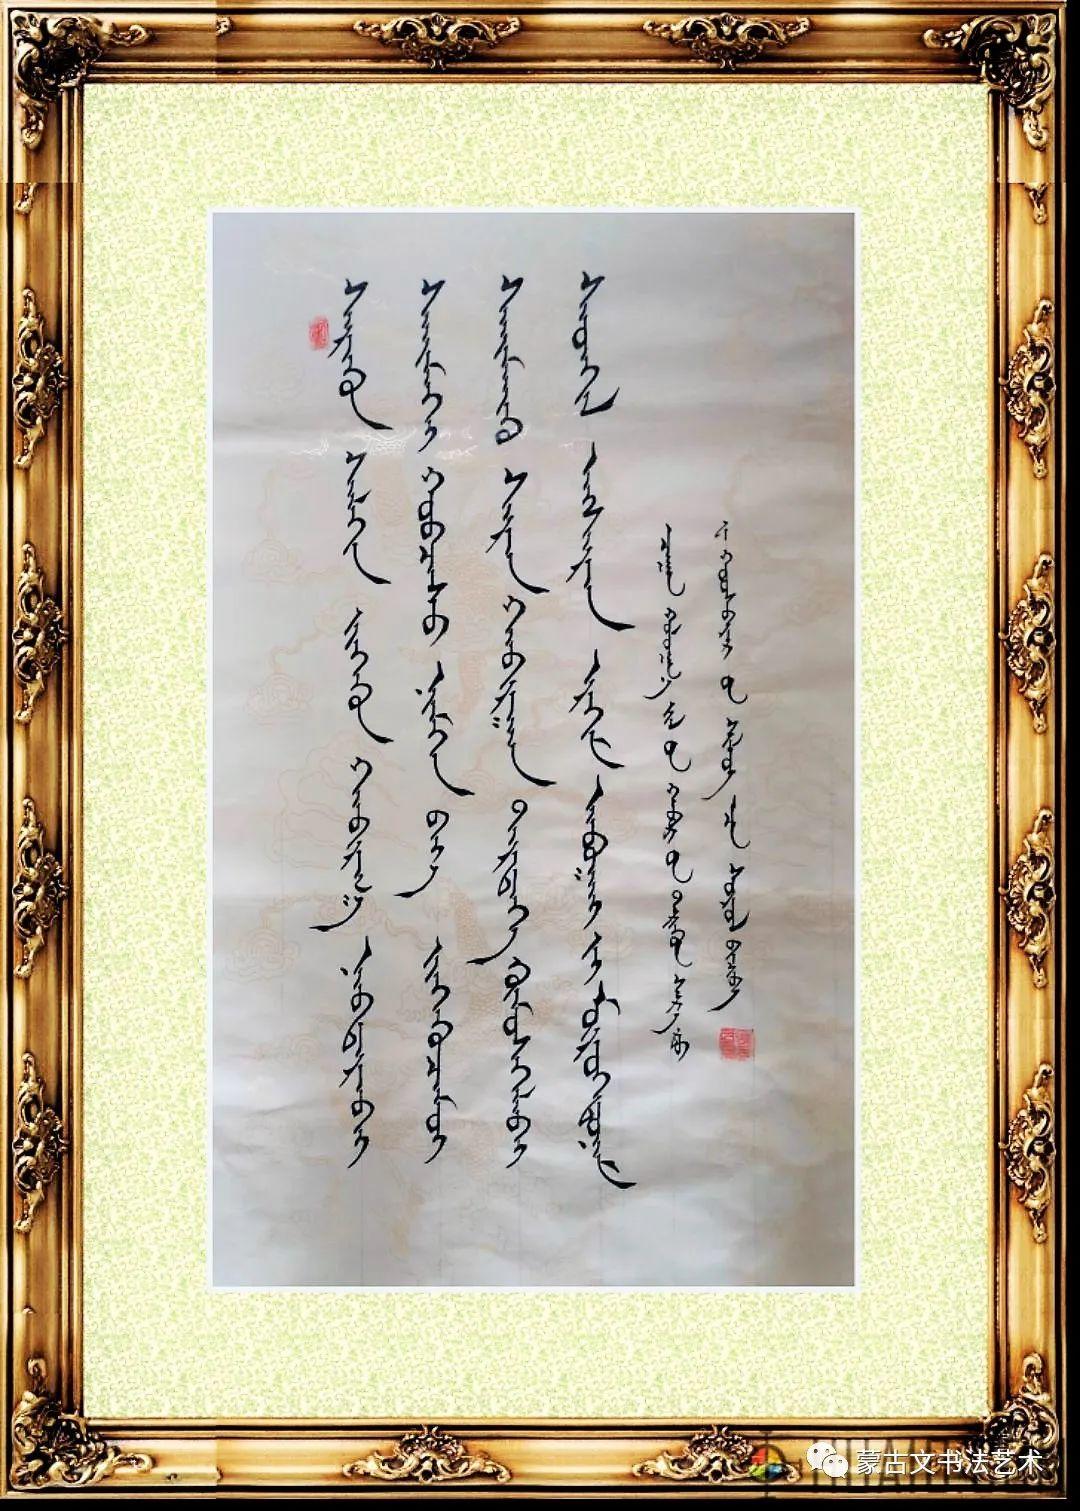 白苏雅蒙古文书法 第9张 白苏雅蒙古文书法 蒙古书法